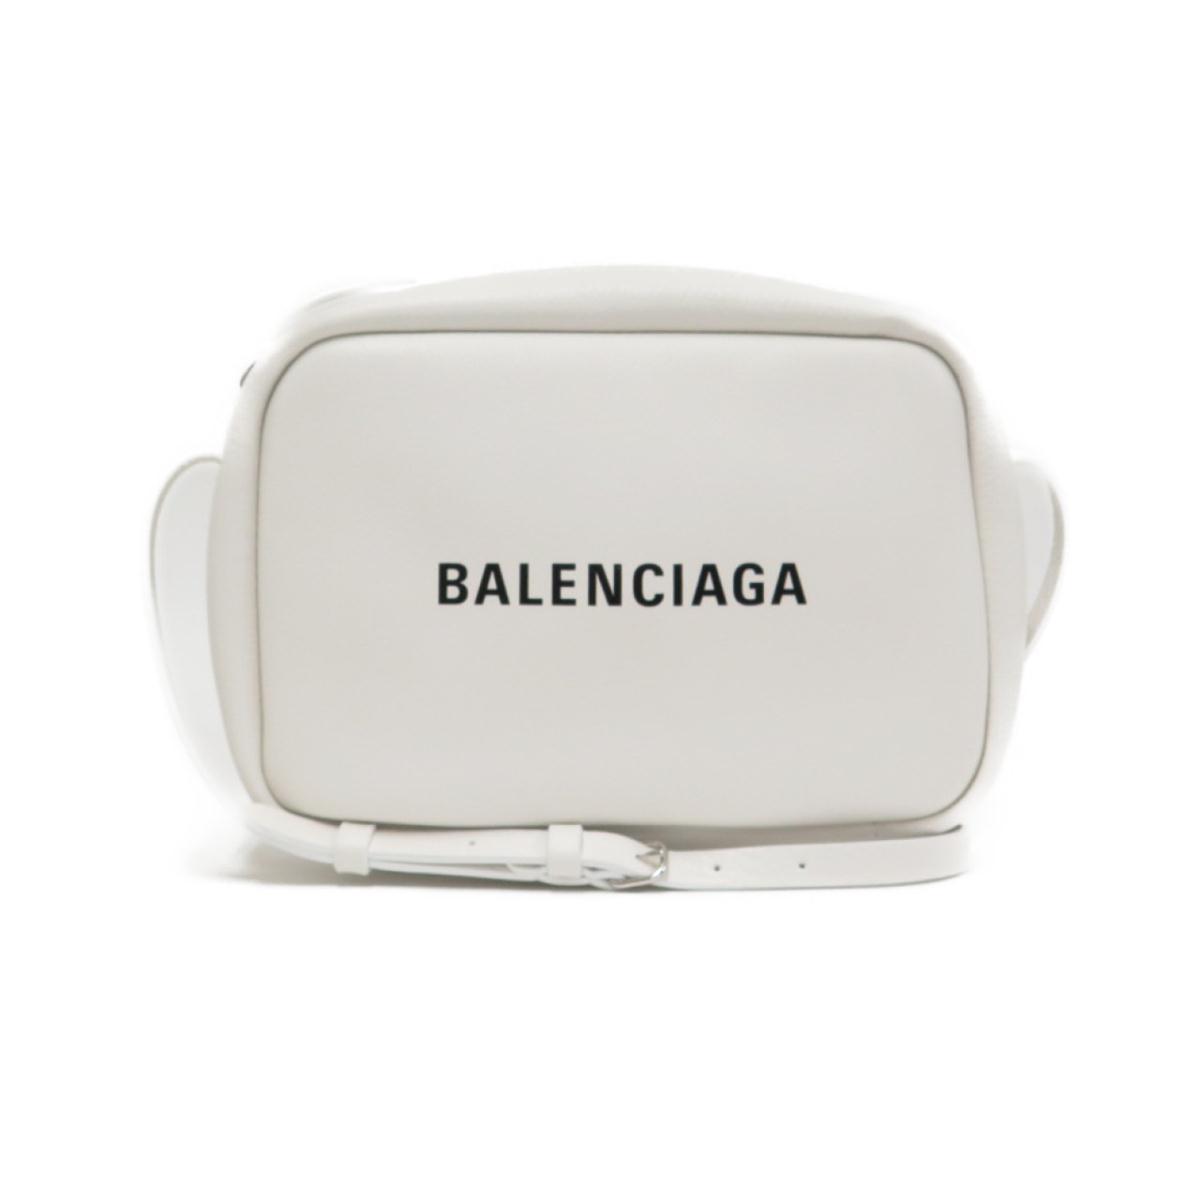 【新品】バレンシアガ バッグ 489812 D6W2N【新品】